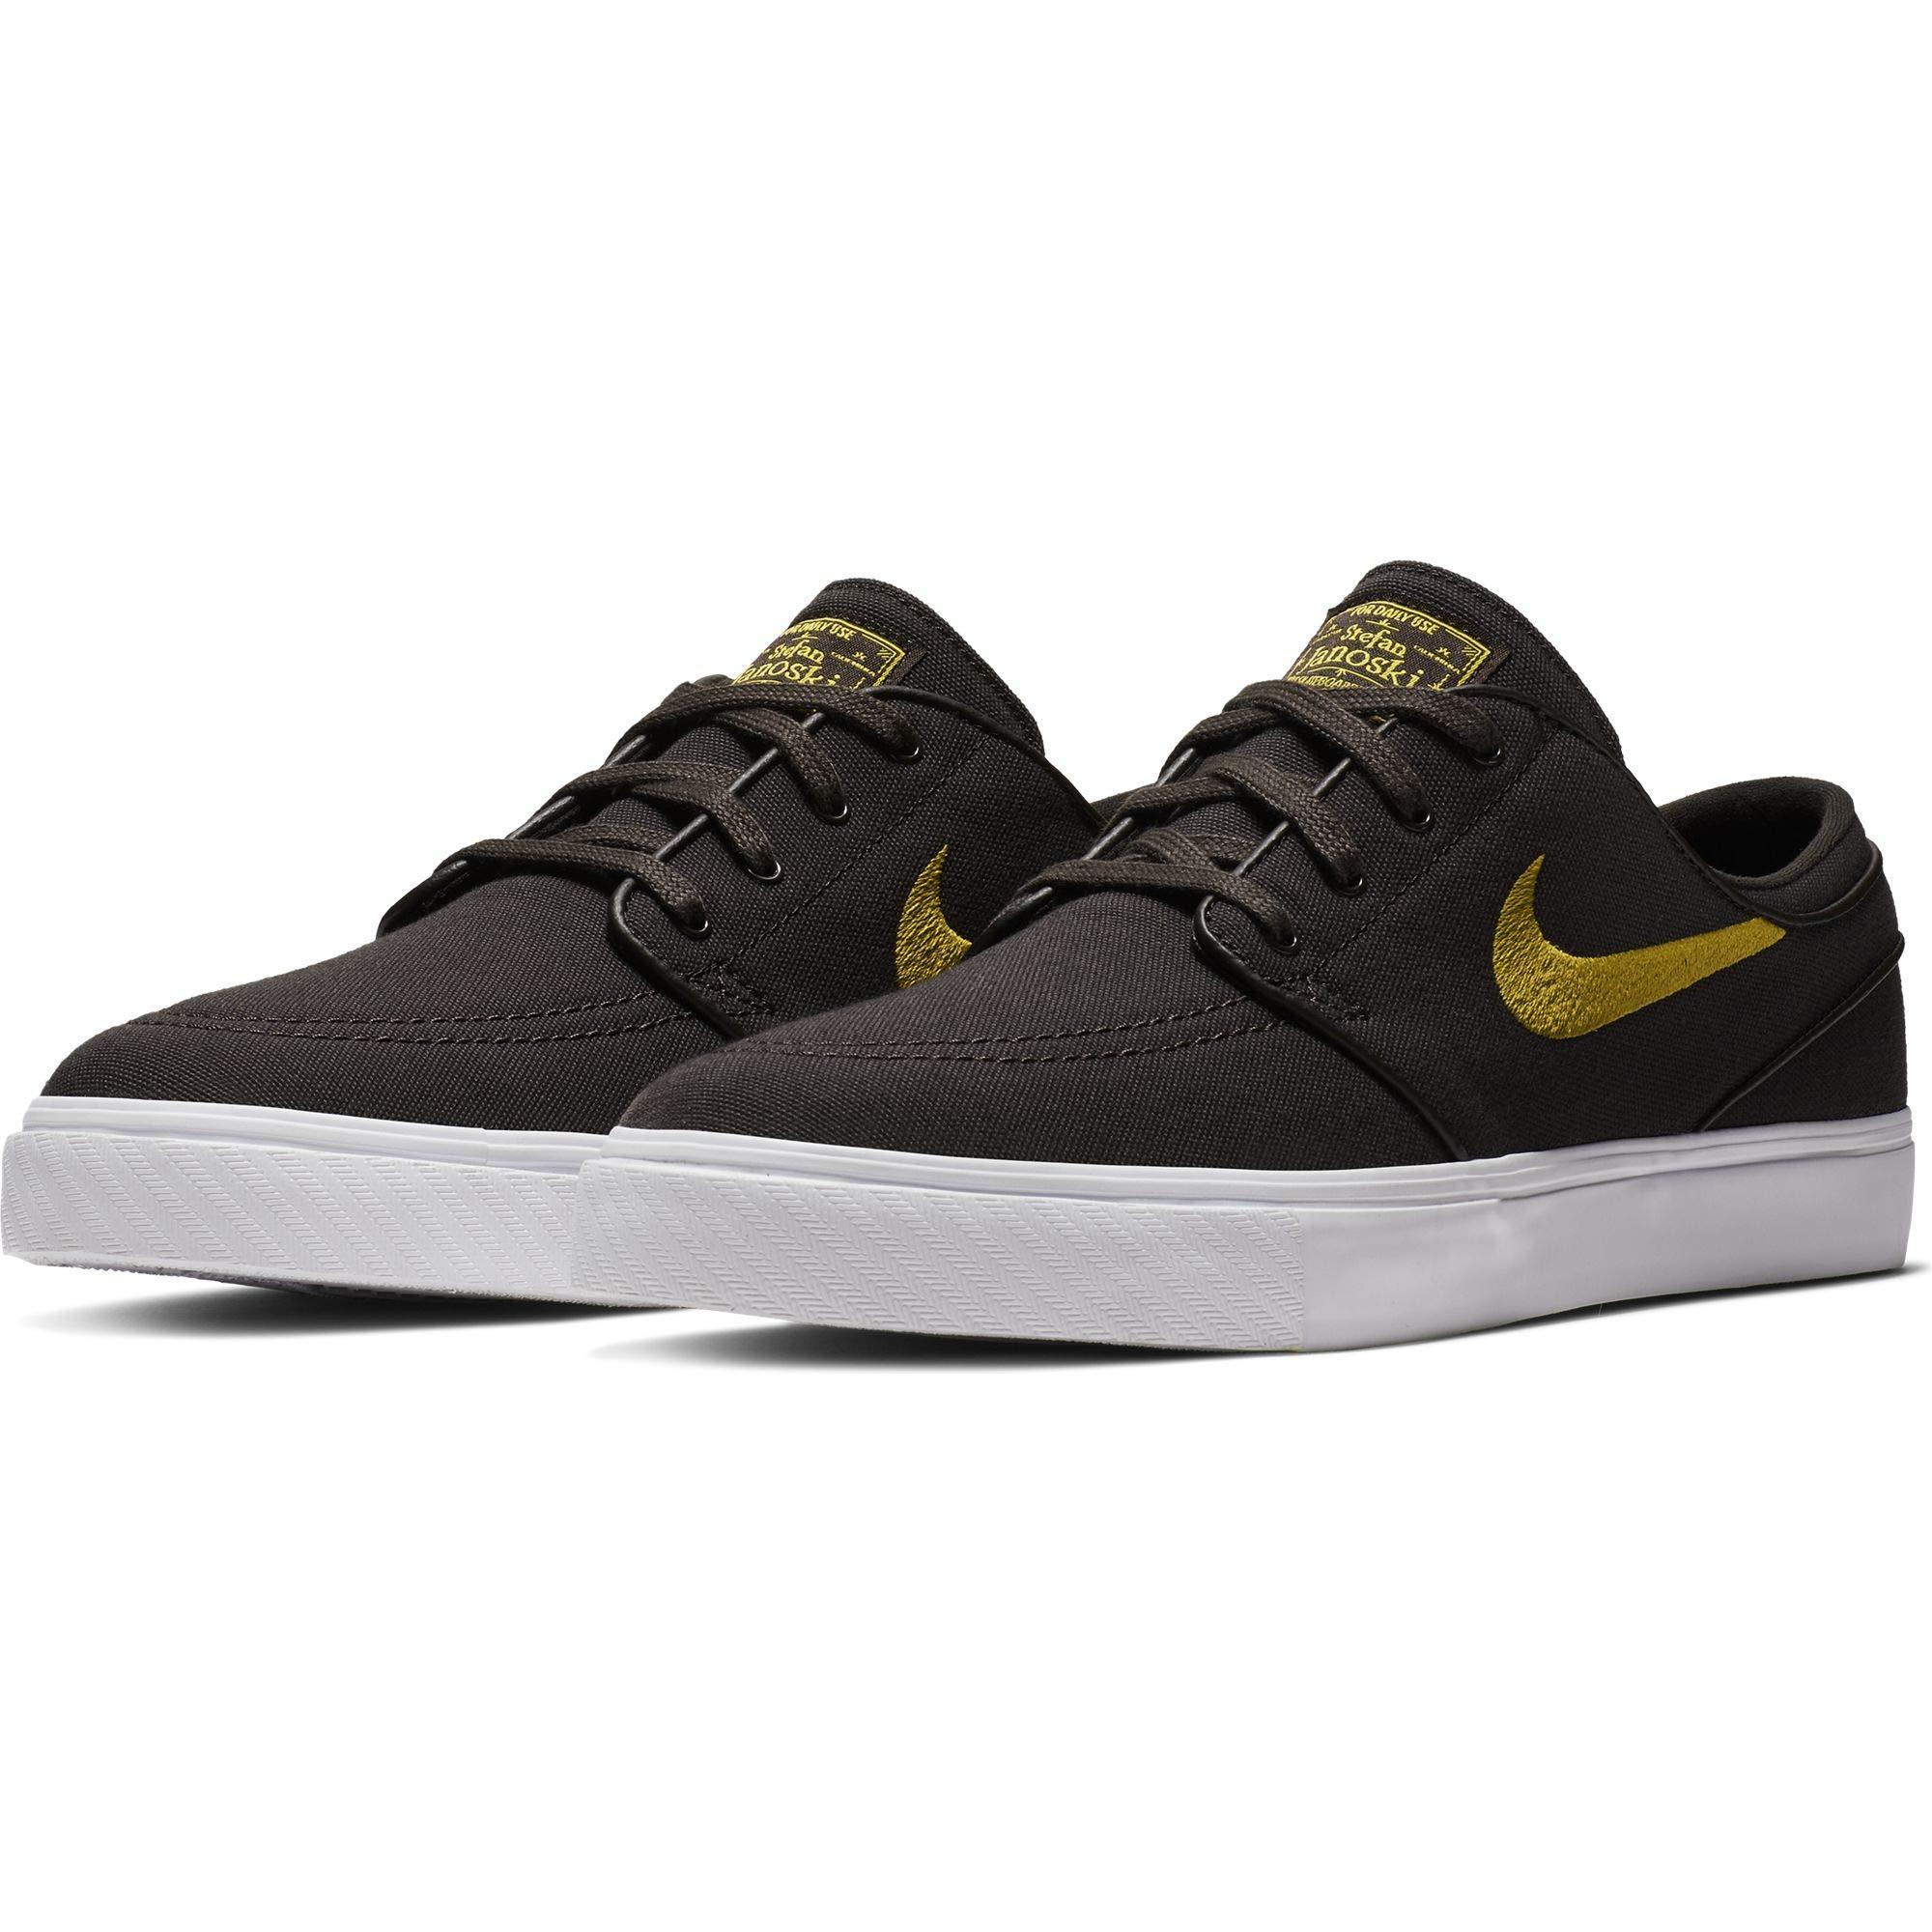 100% authentic 1f006 a2699 Galleon - Nike SB Zoom Stefan Janoski Canvas Men s Shoes - 615957 (11 D(M)  US, Velvet Brown Peat Moss)